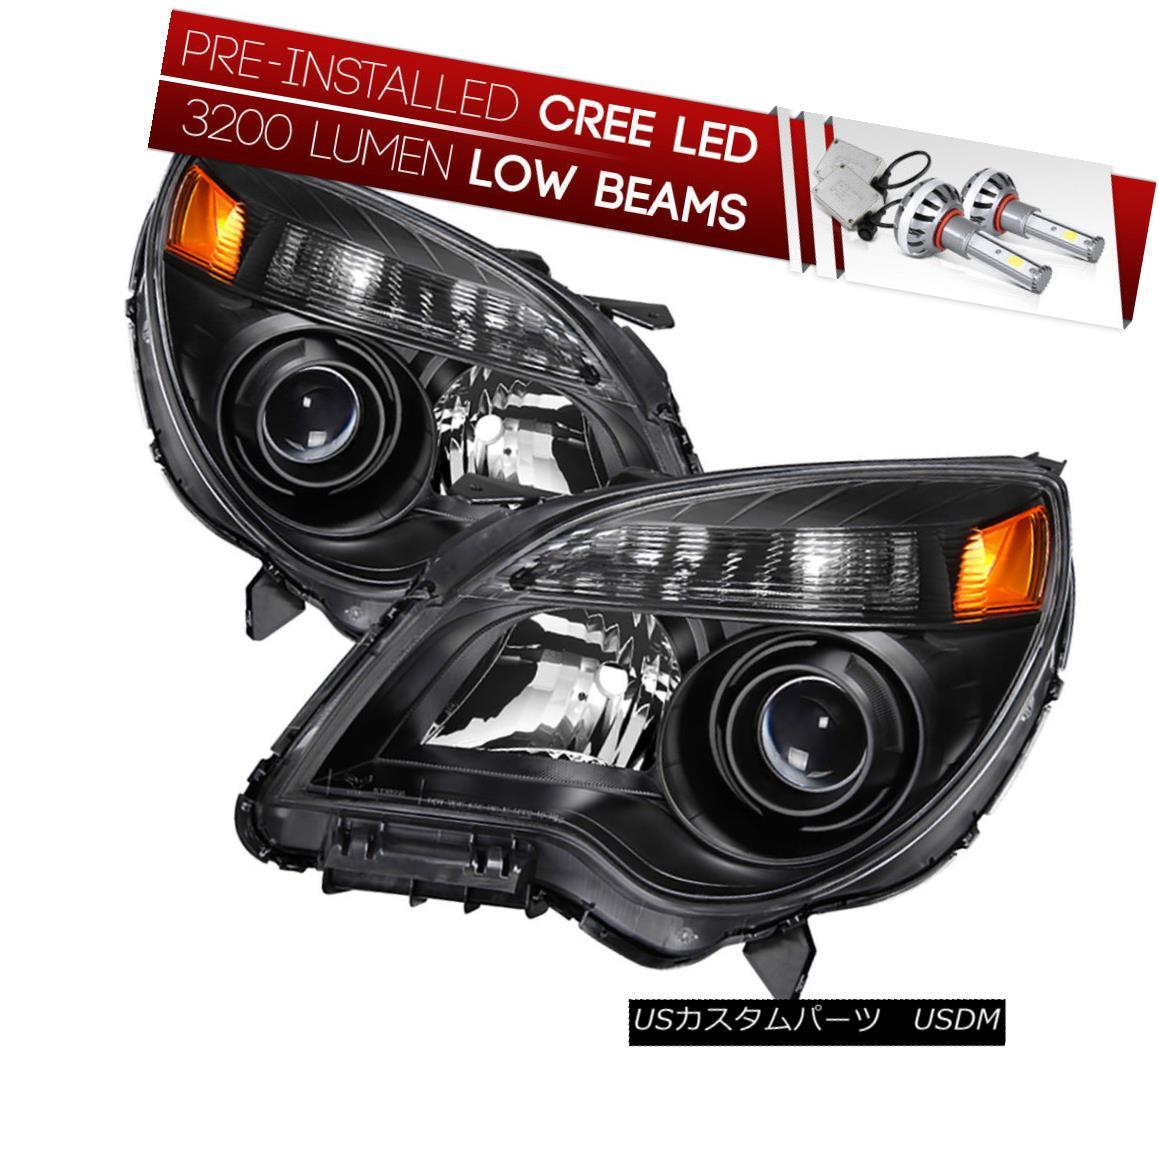 ヘッドライト [CREE LED Bulb Installed] 10-15 Chevy Equinox Black Projector Headlight Assembly [CREE LED Bulbをインストール] 10-15 Chevy Equinox Blackプロジェクターヘッドライトアセンブリ